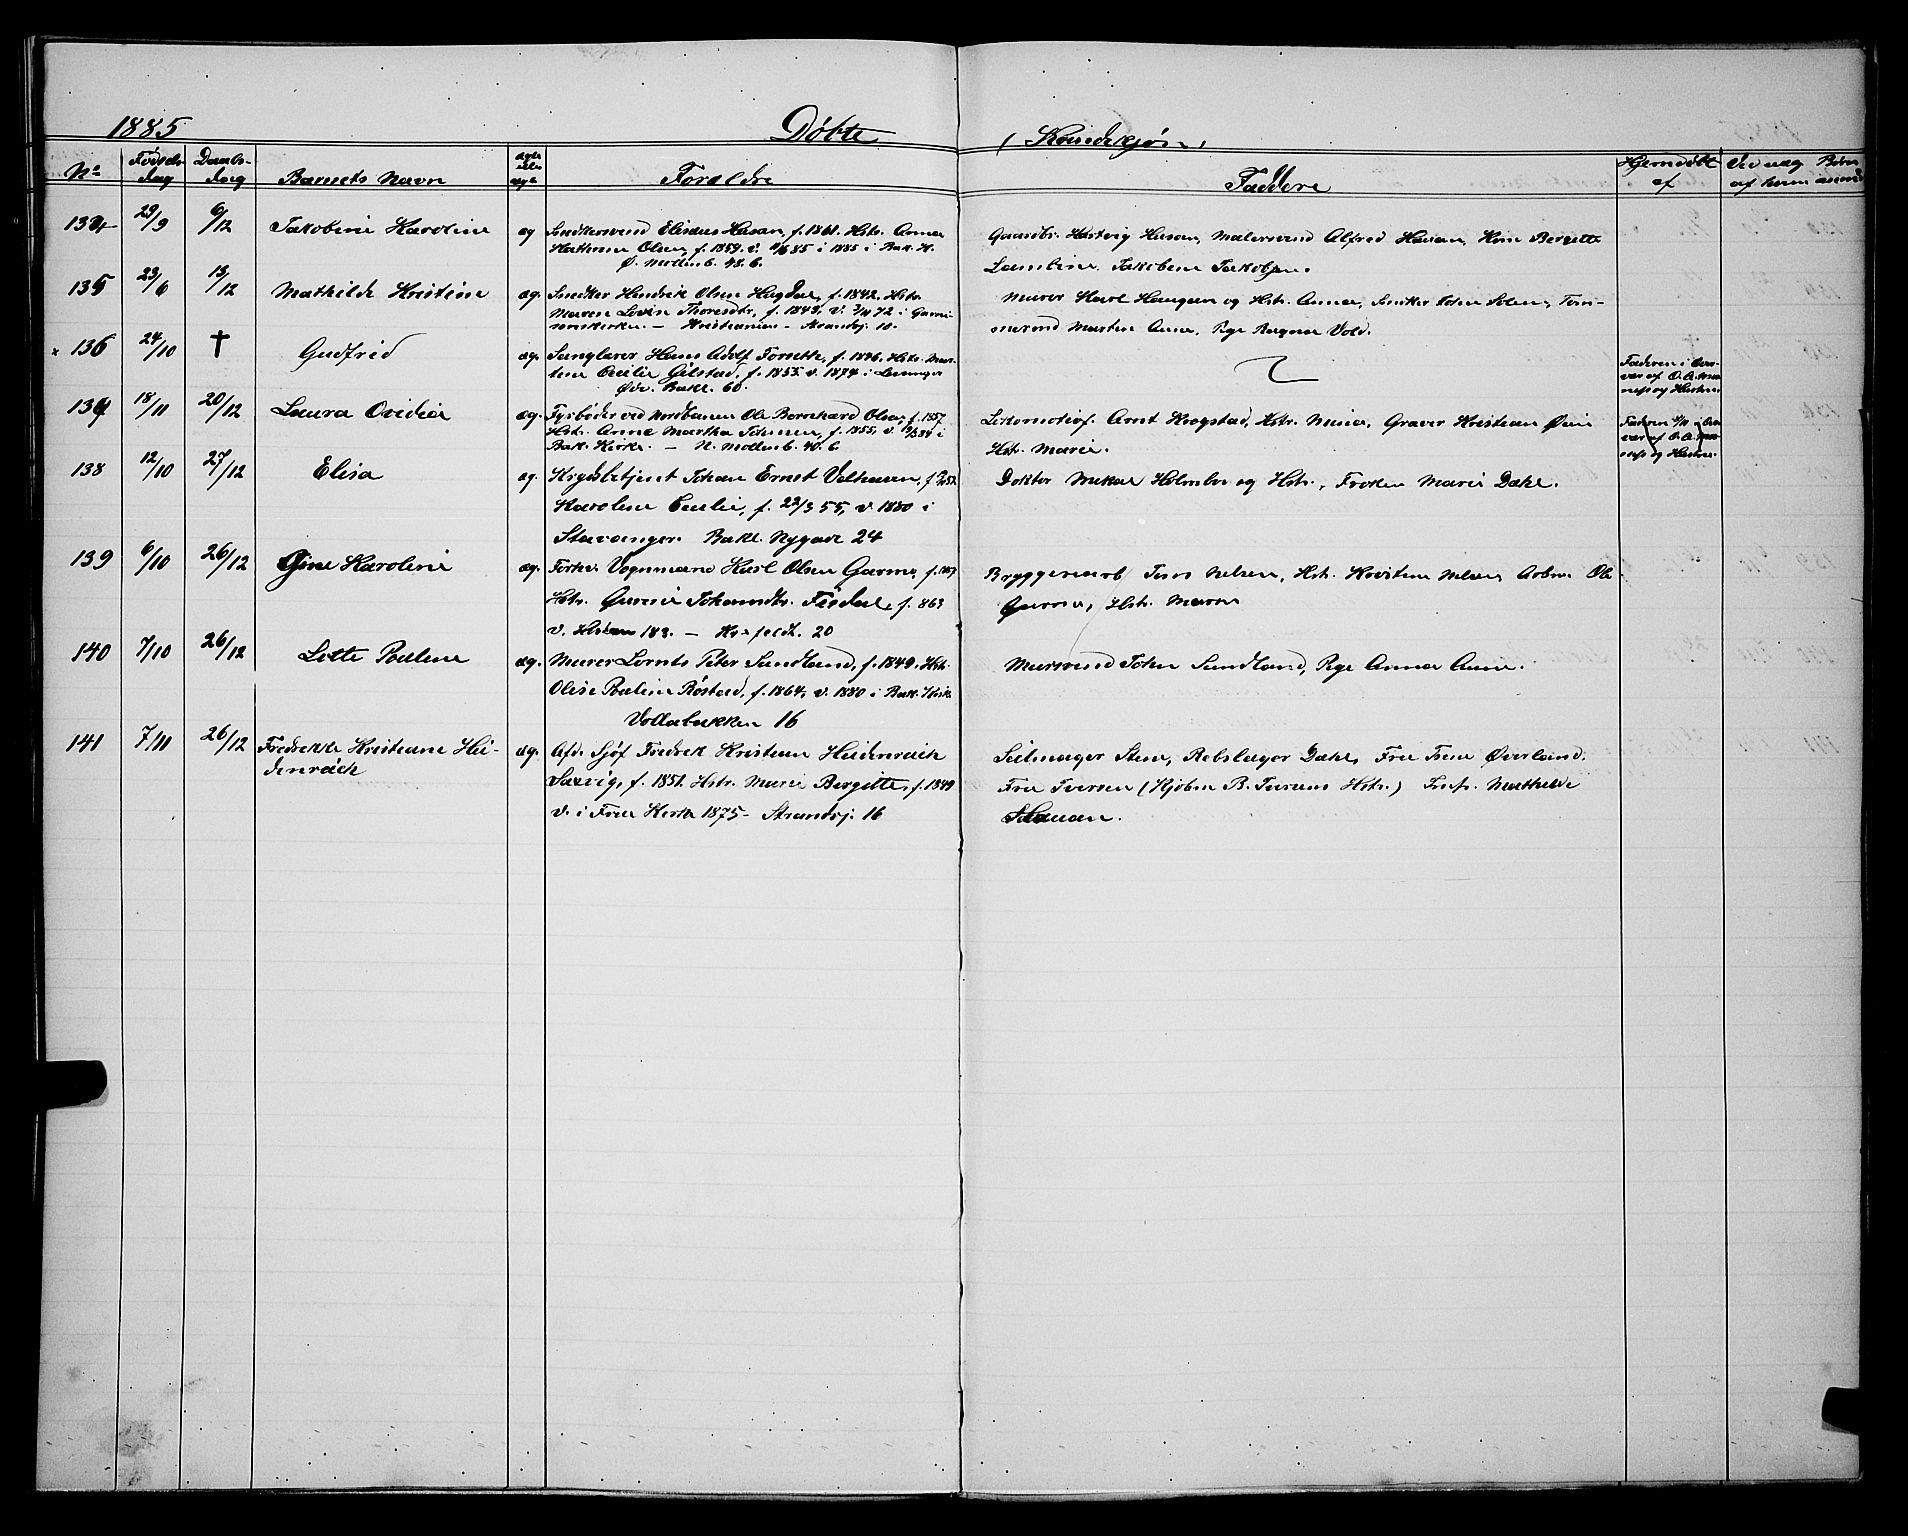 SAT, Ministerialprotokoller, klokkerbøker og fødselsregistre - Sør-Trøndelag, 604/L0220: Klokkerbok nr. 604C03, 1870-1885, s. 233j